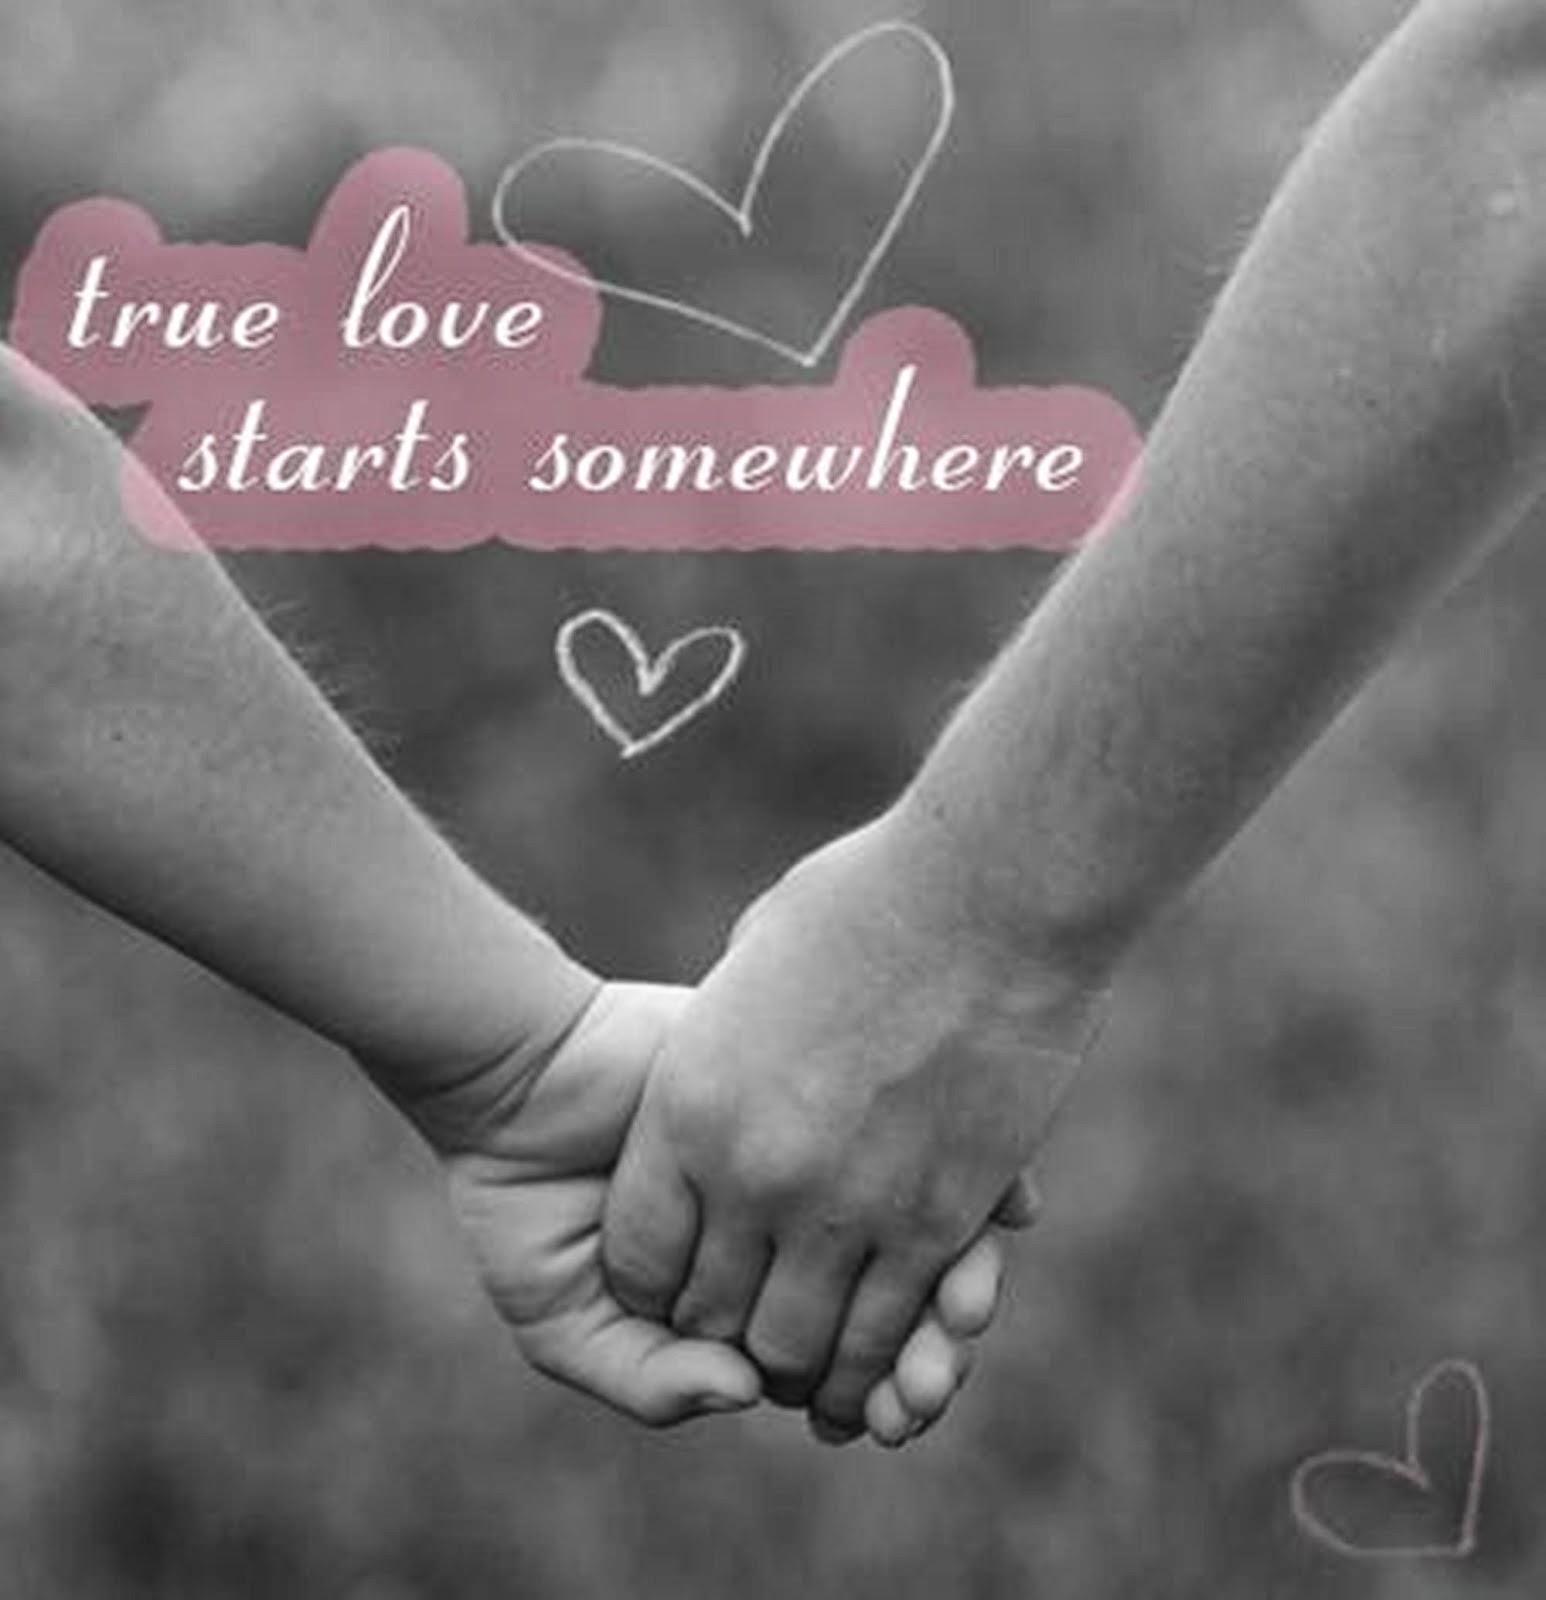 Kata Kata Bijak Tentang Cinta Kata Mutiara Bijak Lucu Cinta